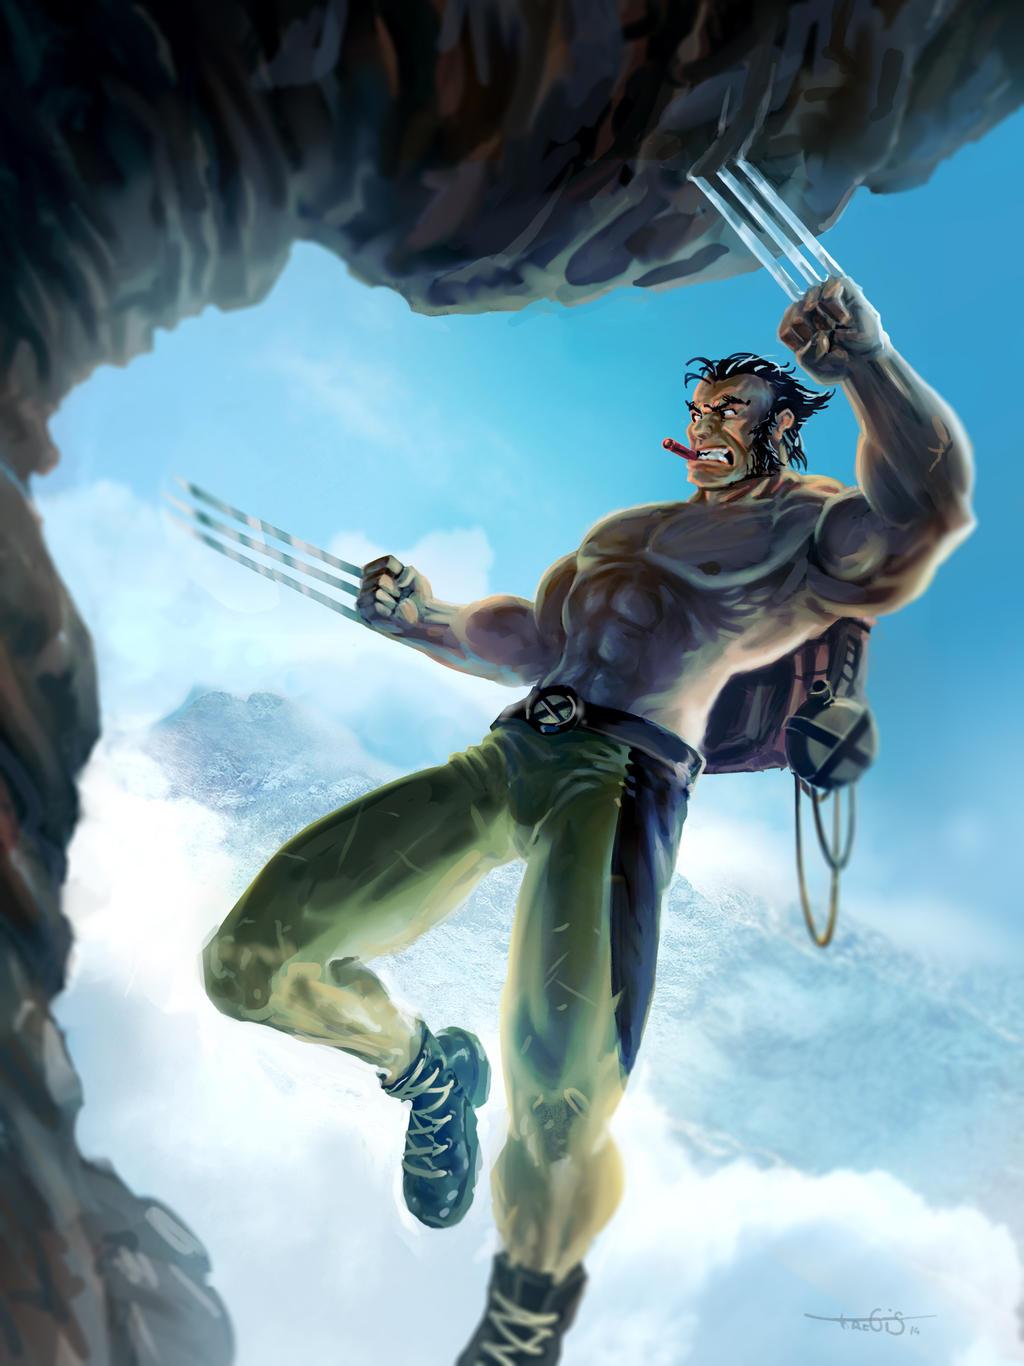 Wolverine-cliffhanger by Tregis